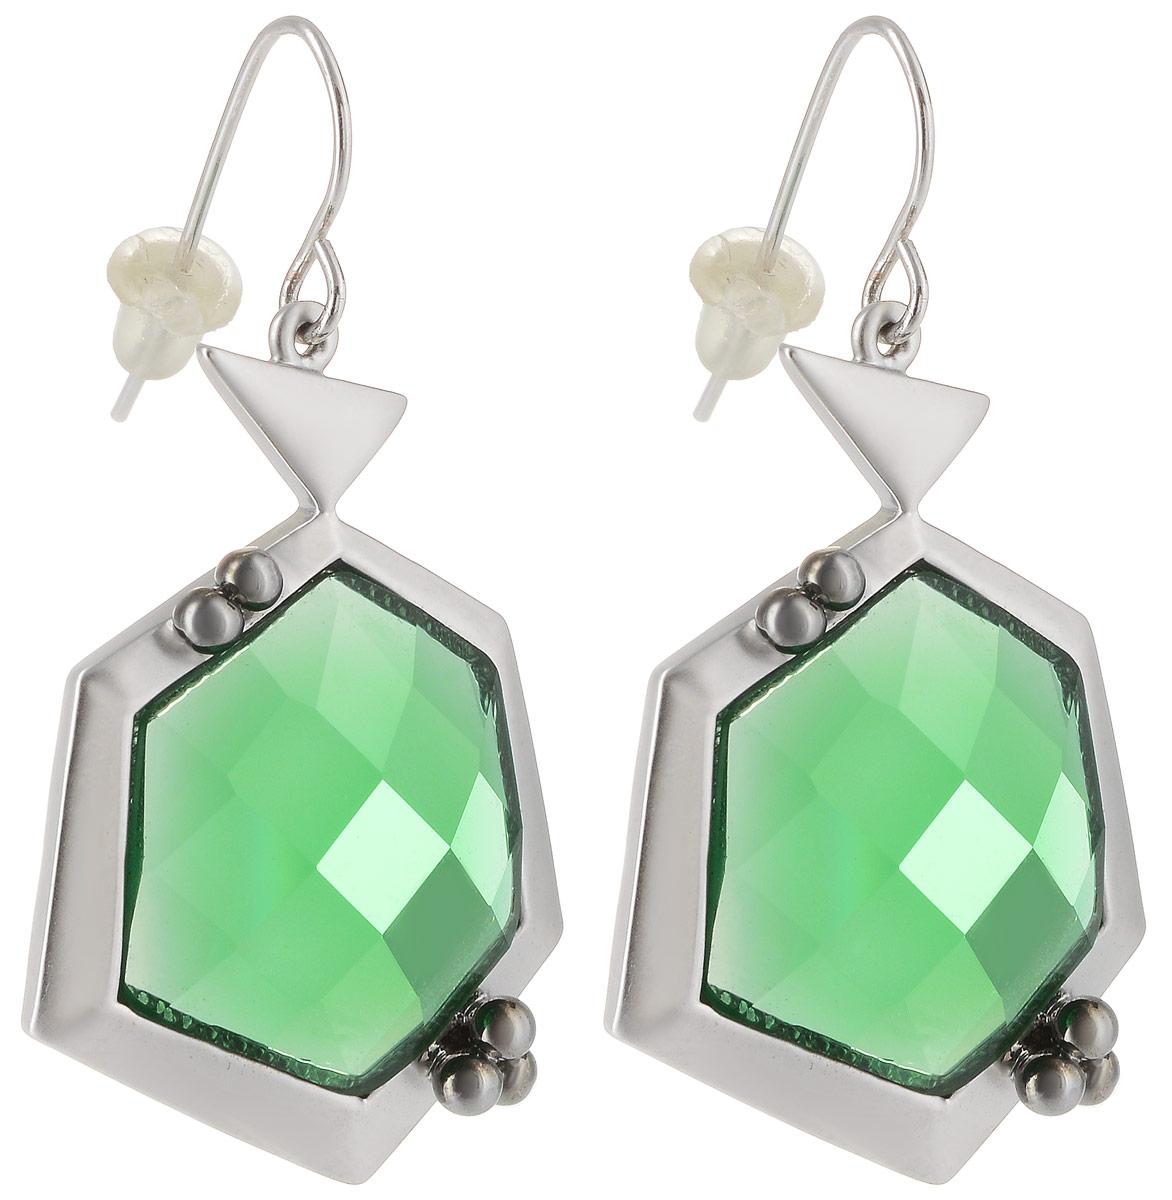 Серьги Taya, цвет: серебристый, зеленый. T-B-4978Серьги с подвескамиСерьги с петлевидным замком Taya, имеющим вид душки, дополнены сзади мягкой заглушкой. Оформлена модель сверкающим камнем в центре изделия. Элегантные серьги выполнены в очень стильной и утонченной форме.